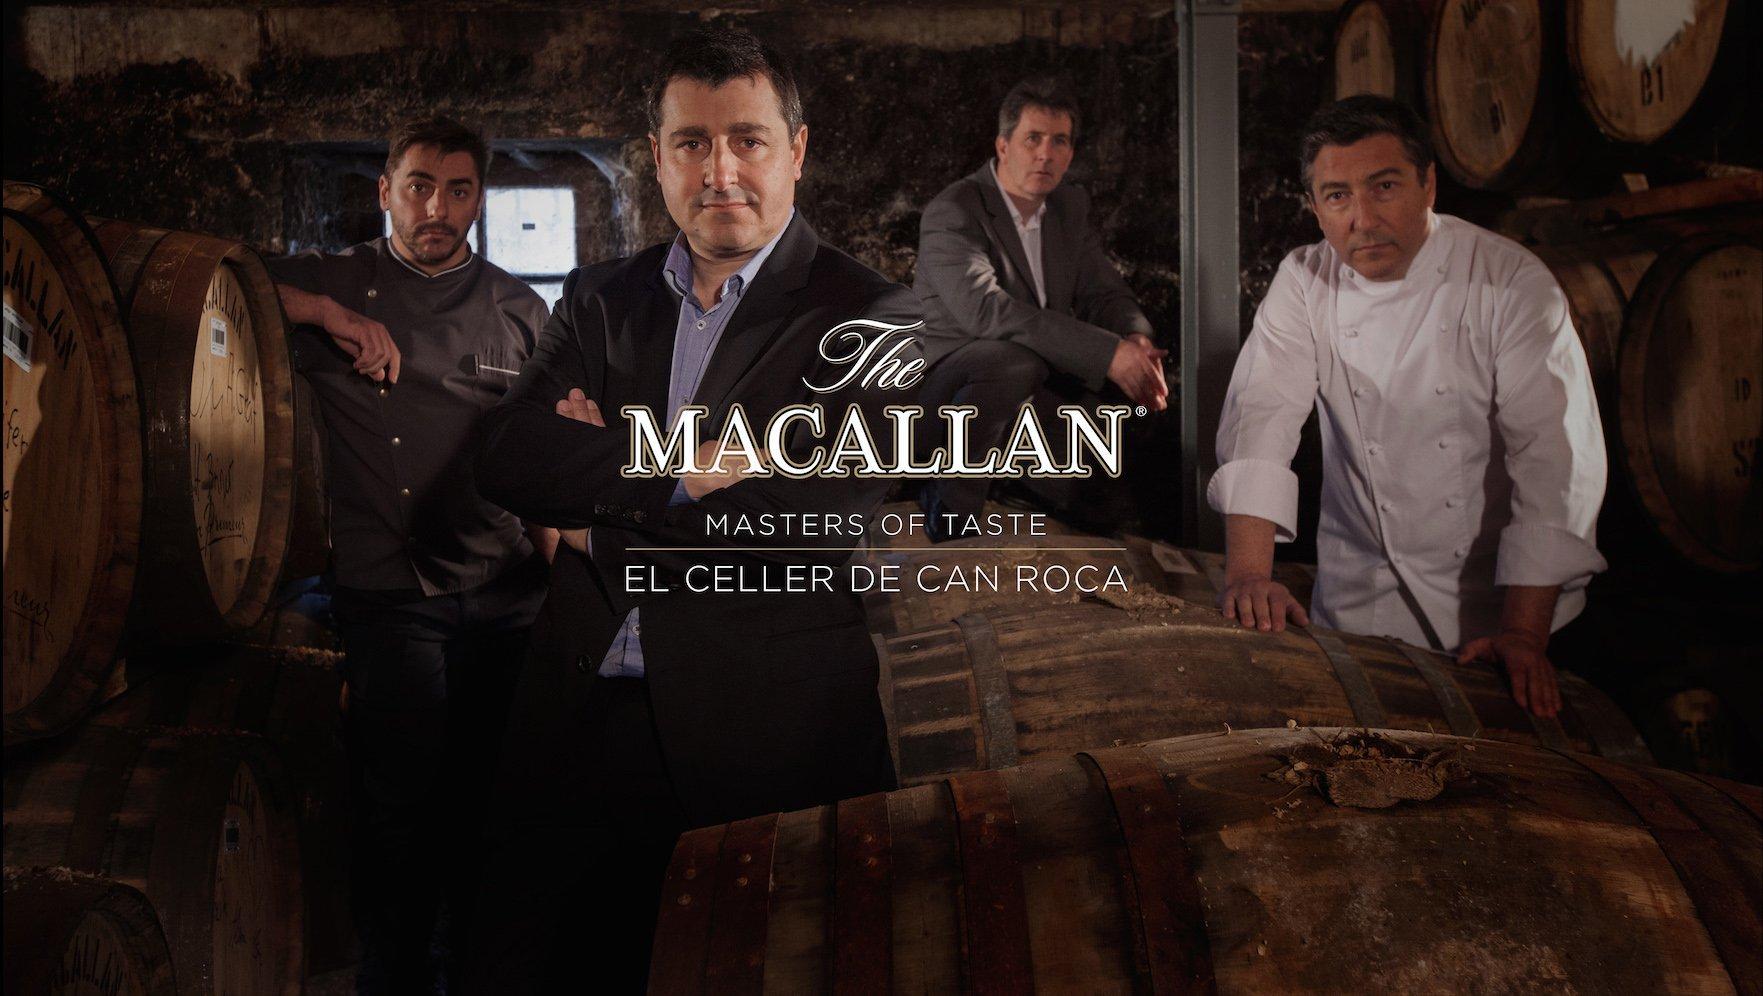 Disfrute de la experiencia gastronómica más sublime con The Macallan & Roca